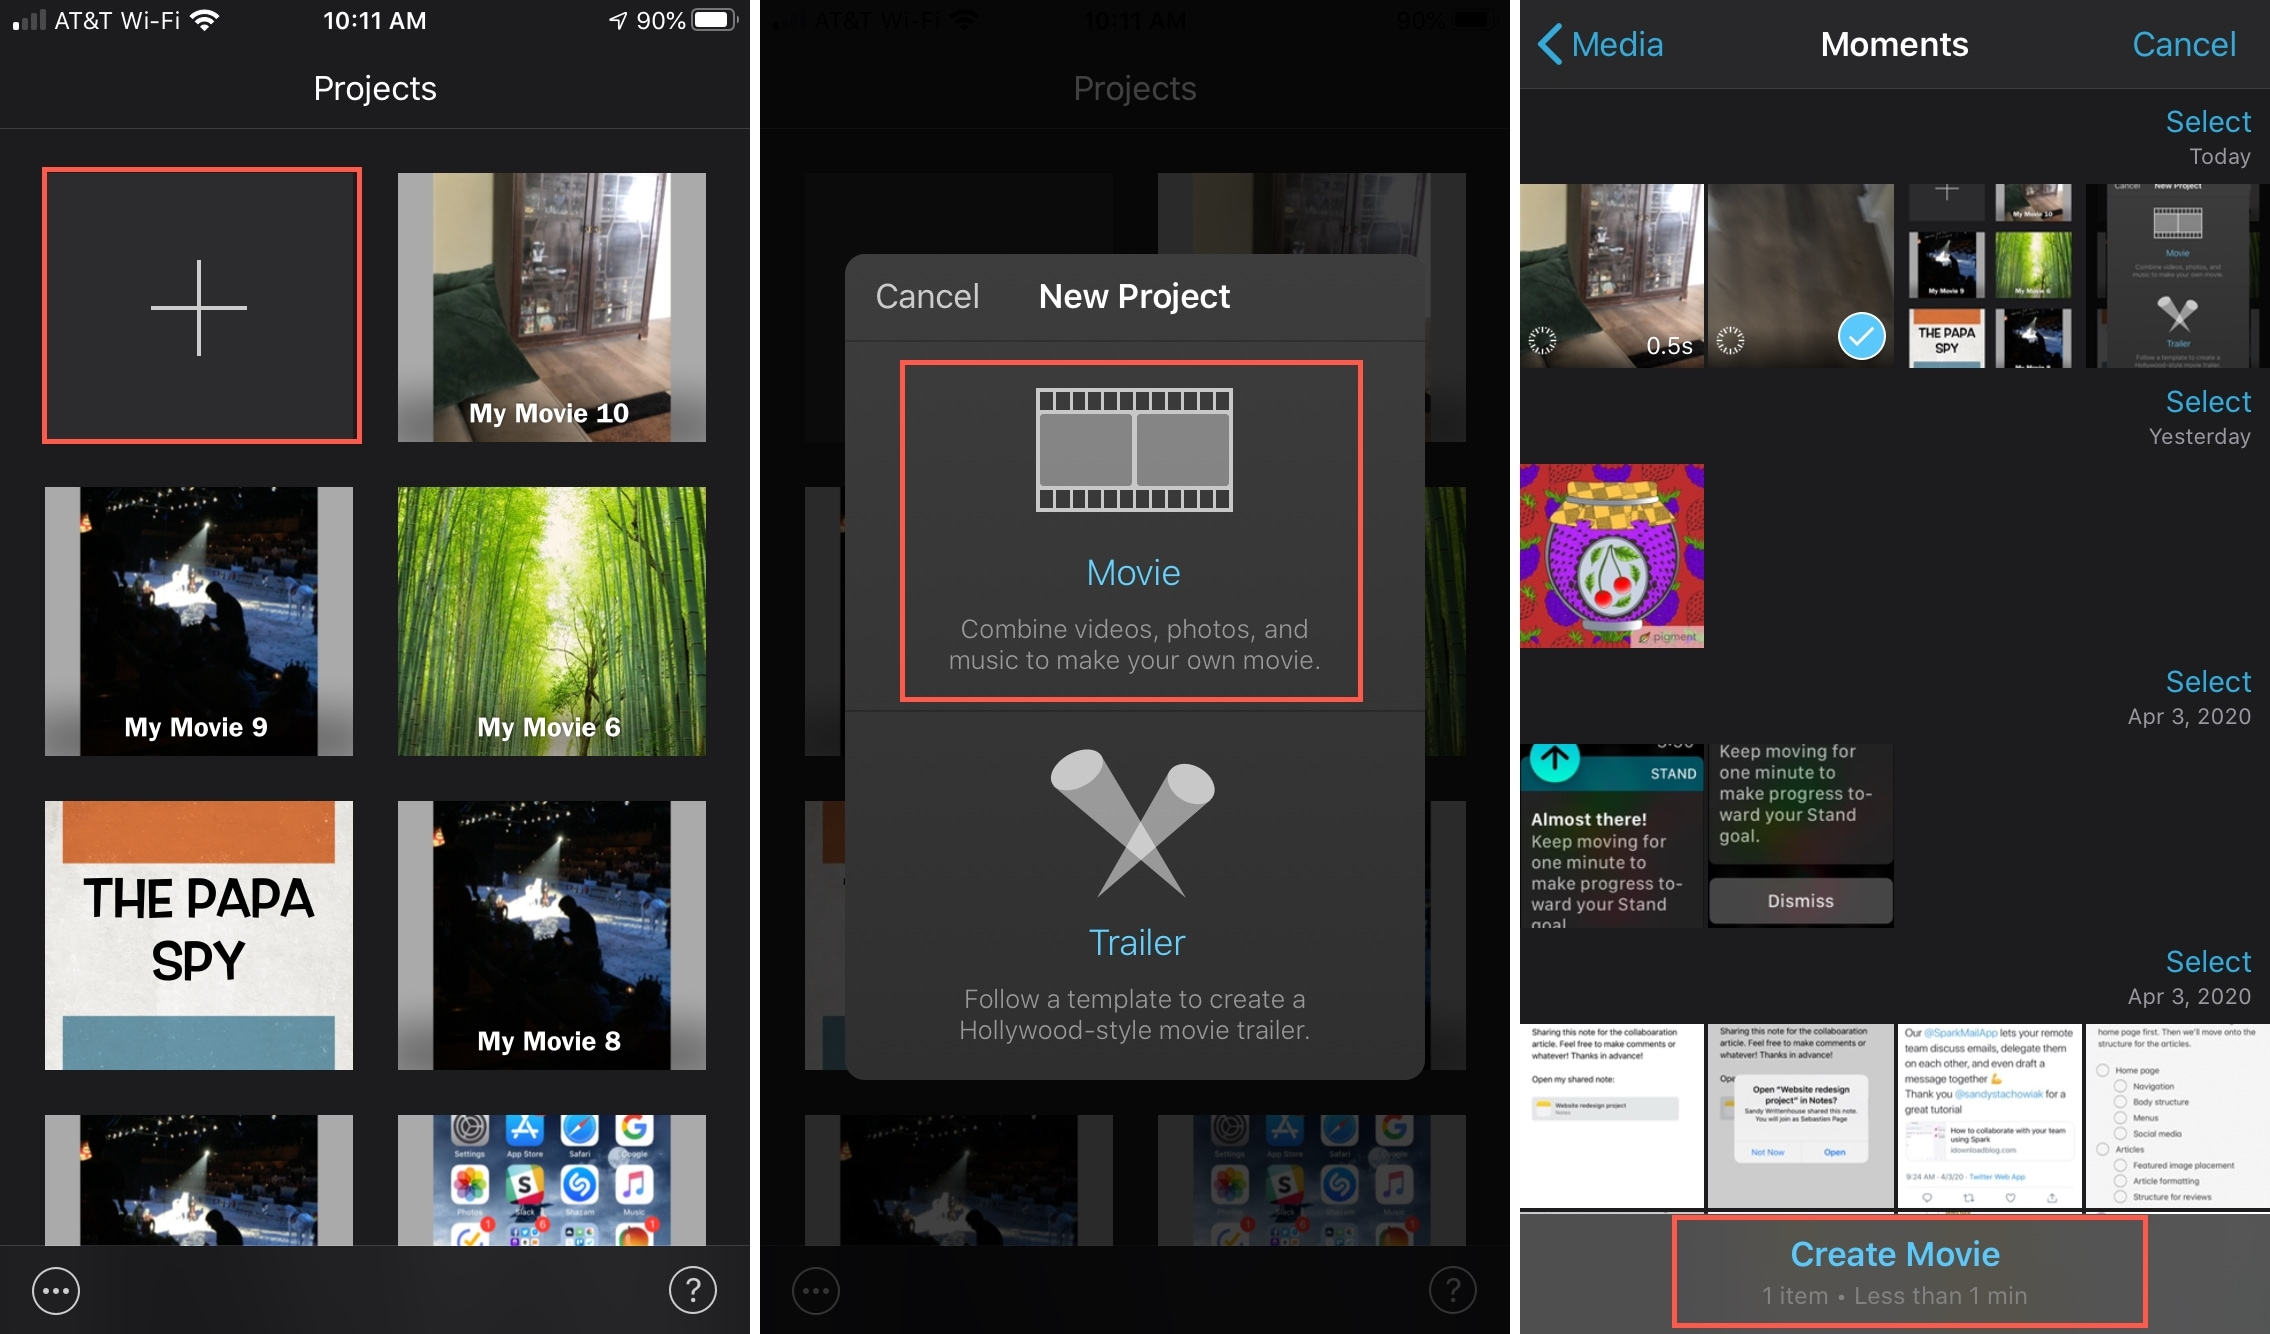 iMovie Create Movie Time Lapse Slow